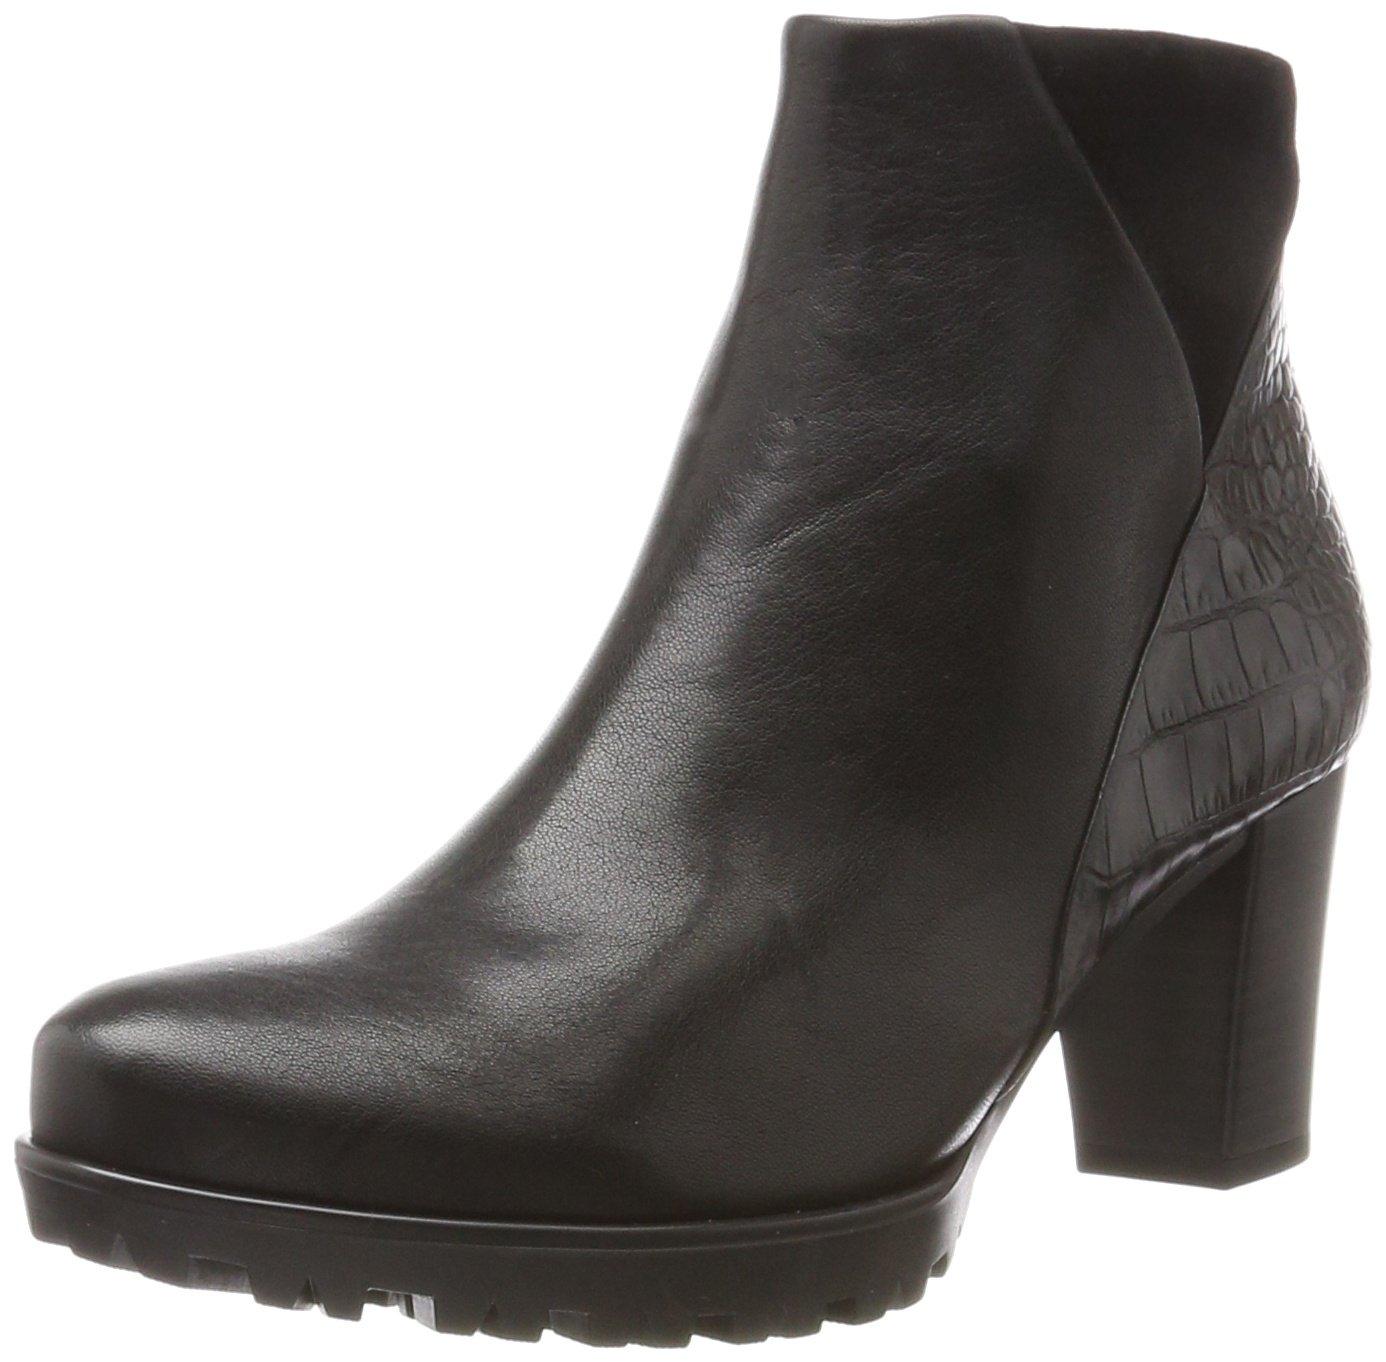 Gabor Shoes Comfort Comfort Sport, Schwarz Bottes Femme Micro) Noir (17 Schwarz Micro) c69d0ad - shopssong.space